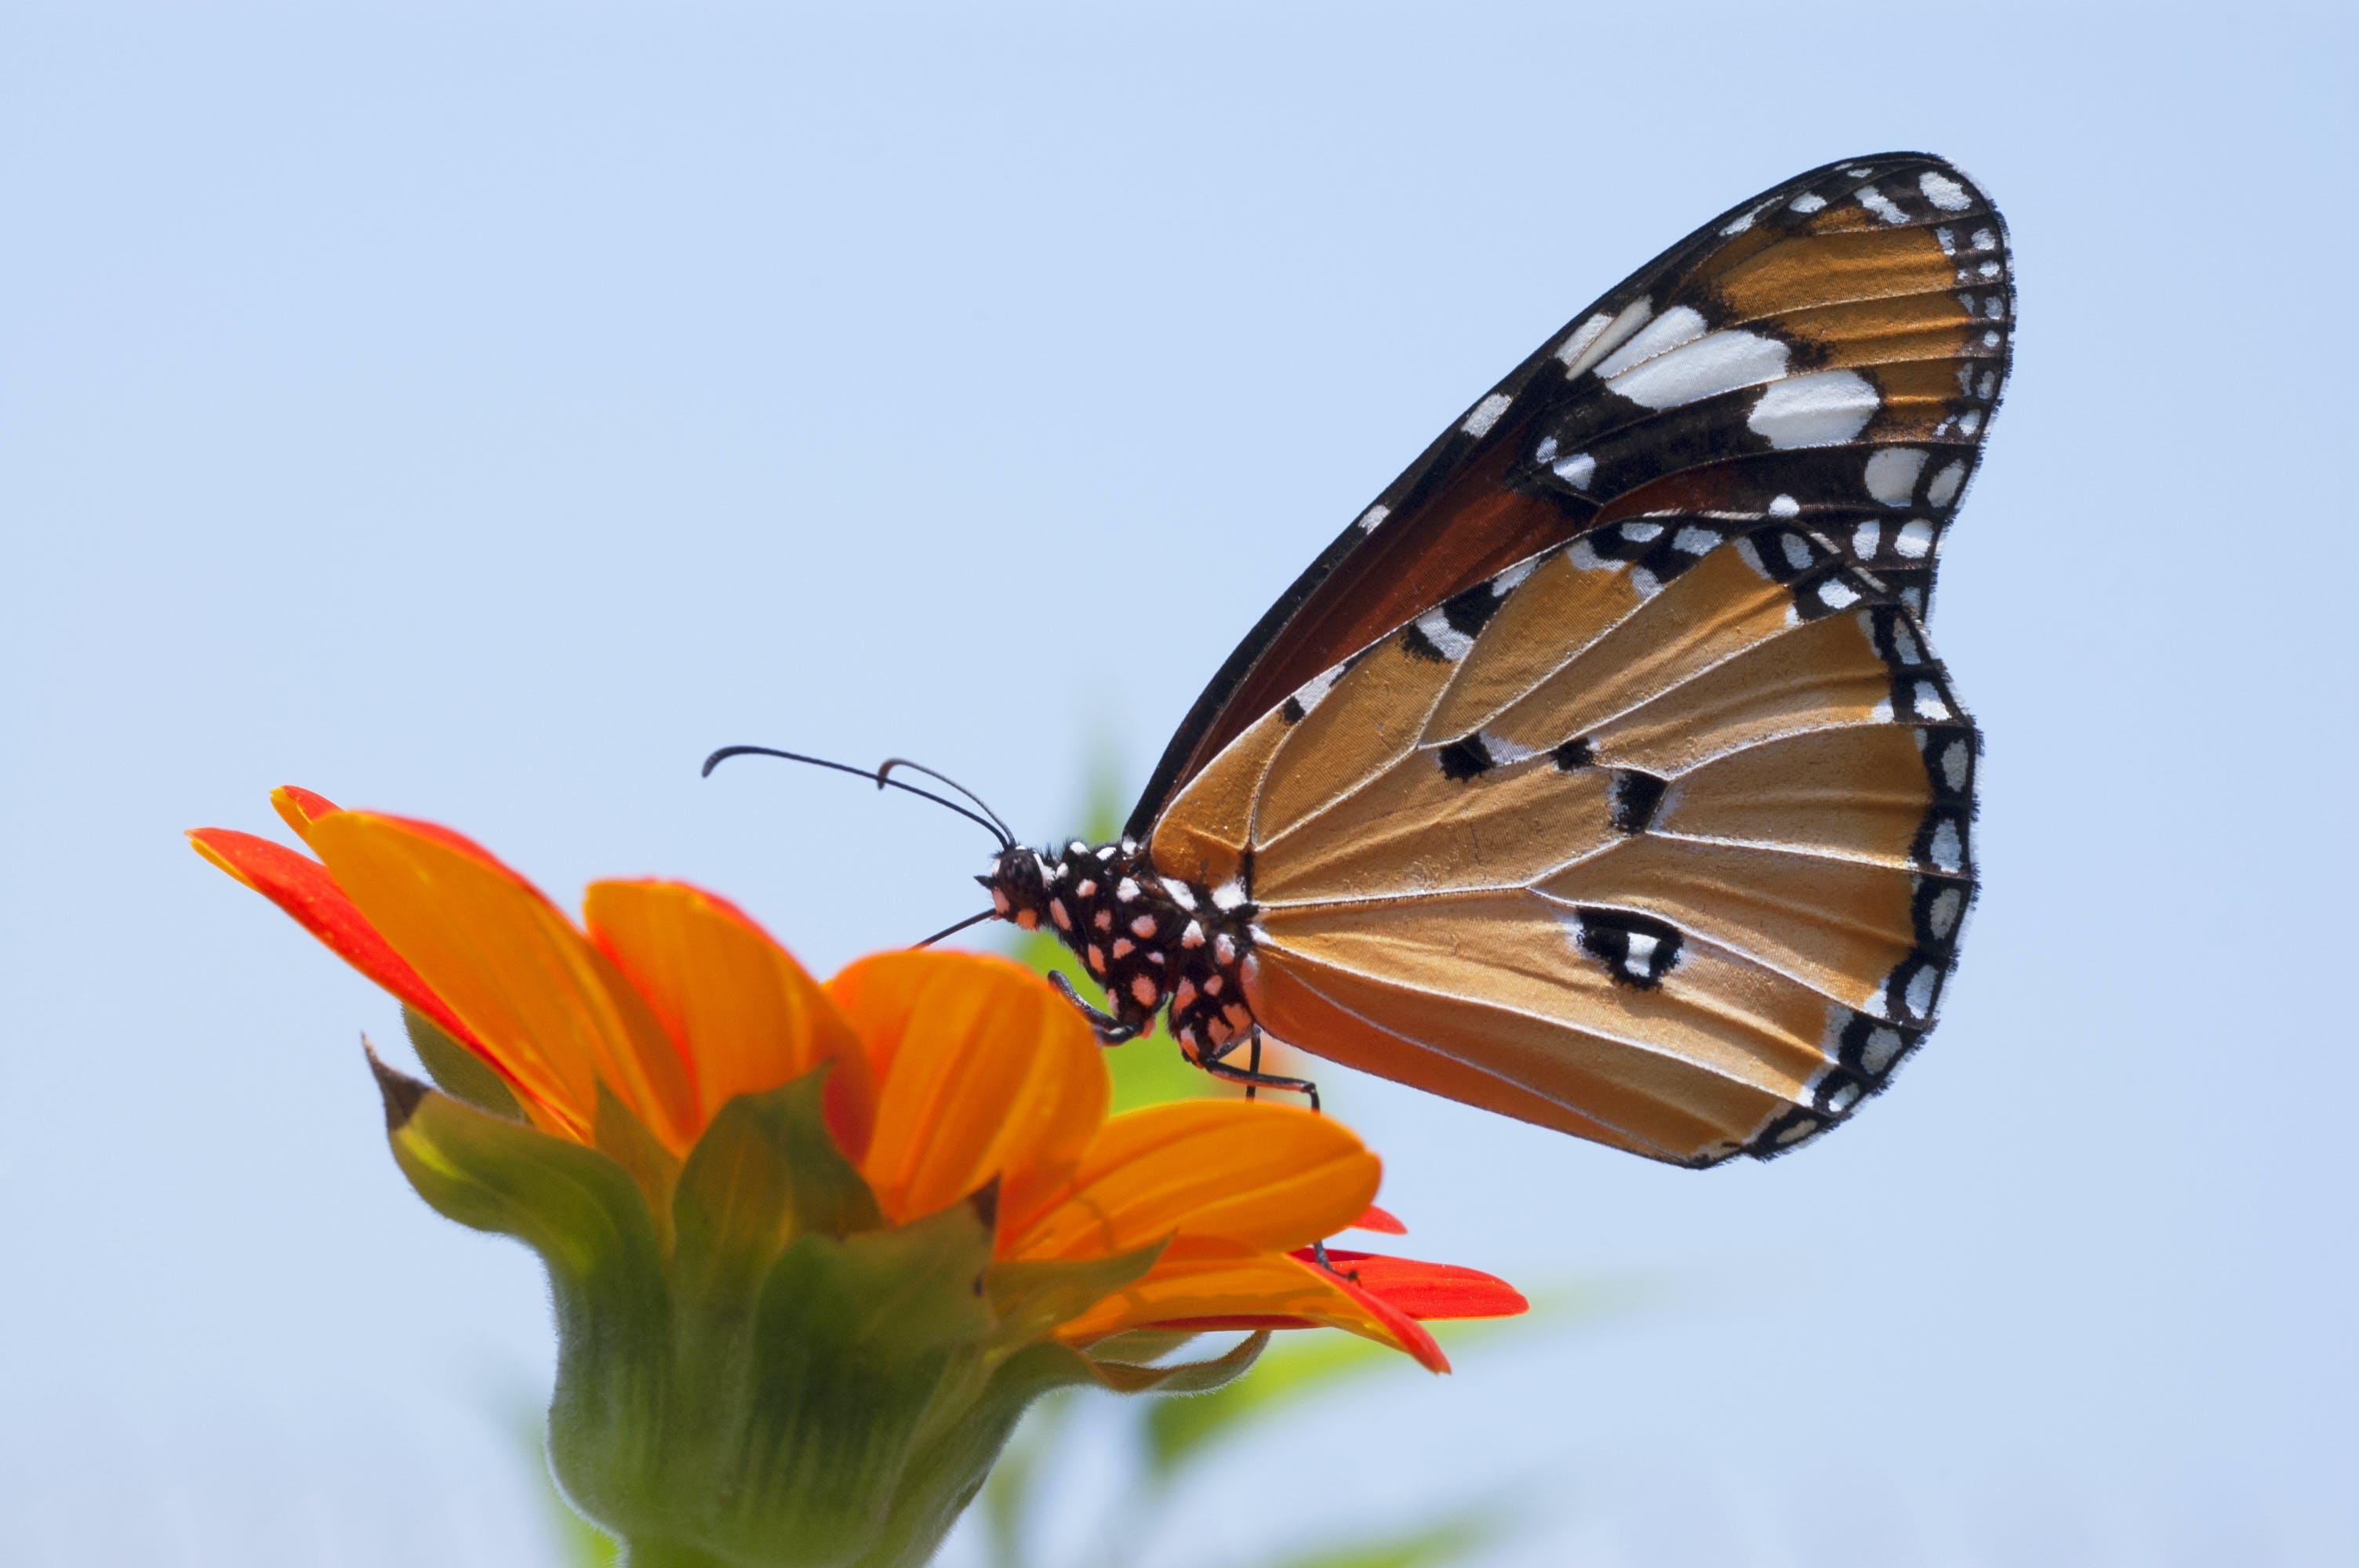 動物, 君主, 夏天, 天性 的 免费素材照片